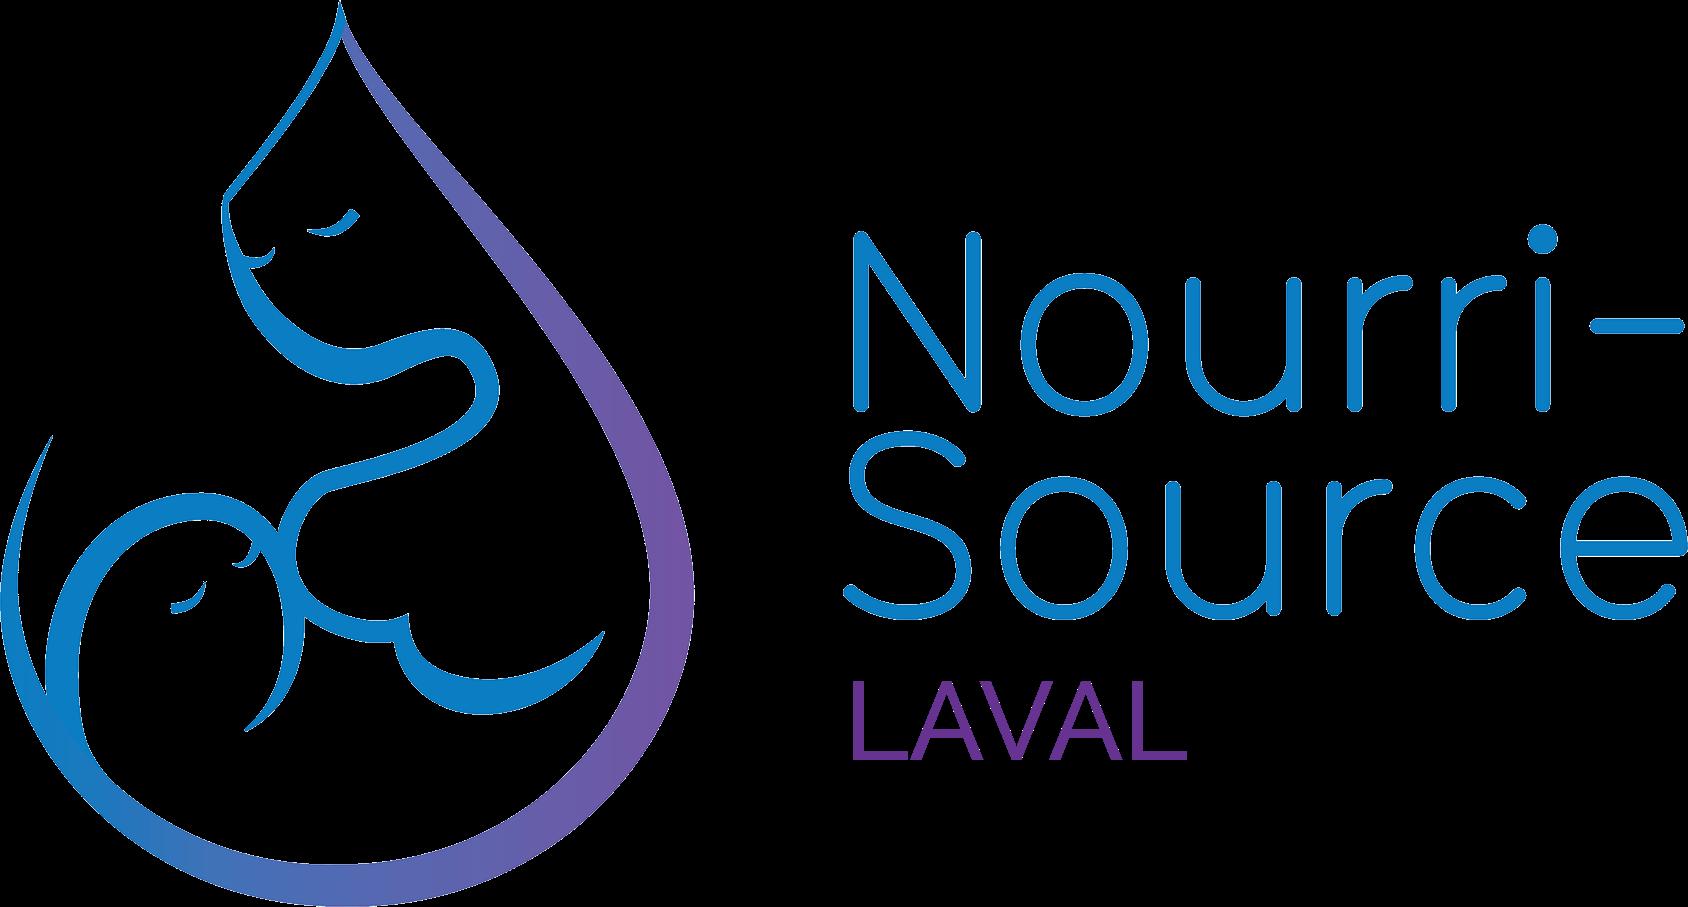 Logo Nourri-source Laval couleur